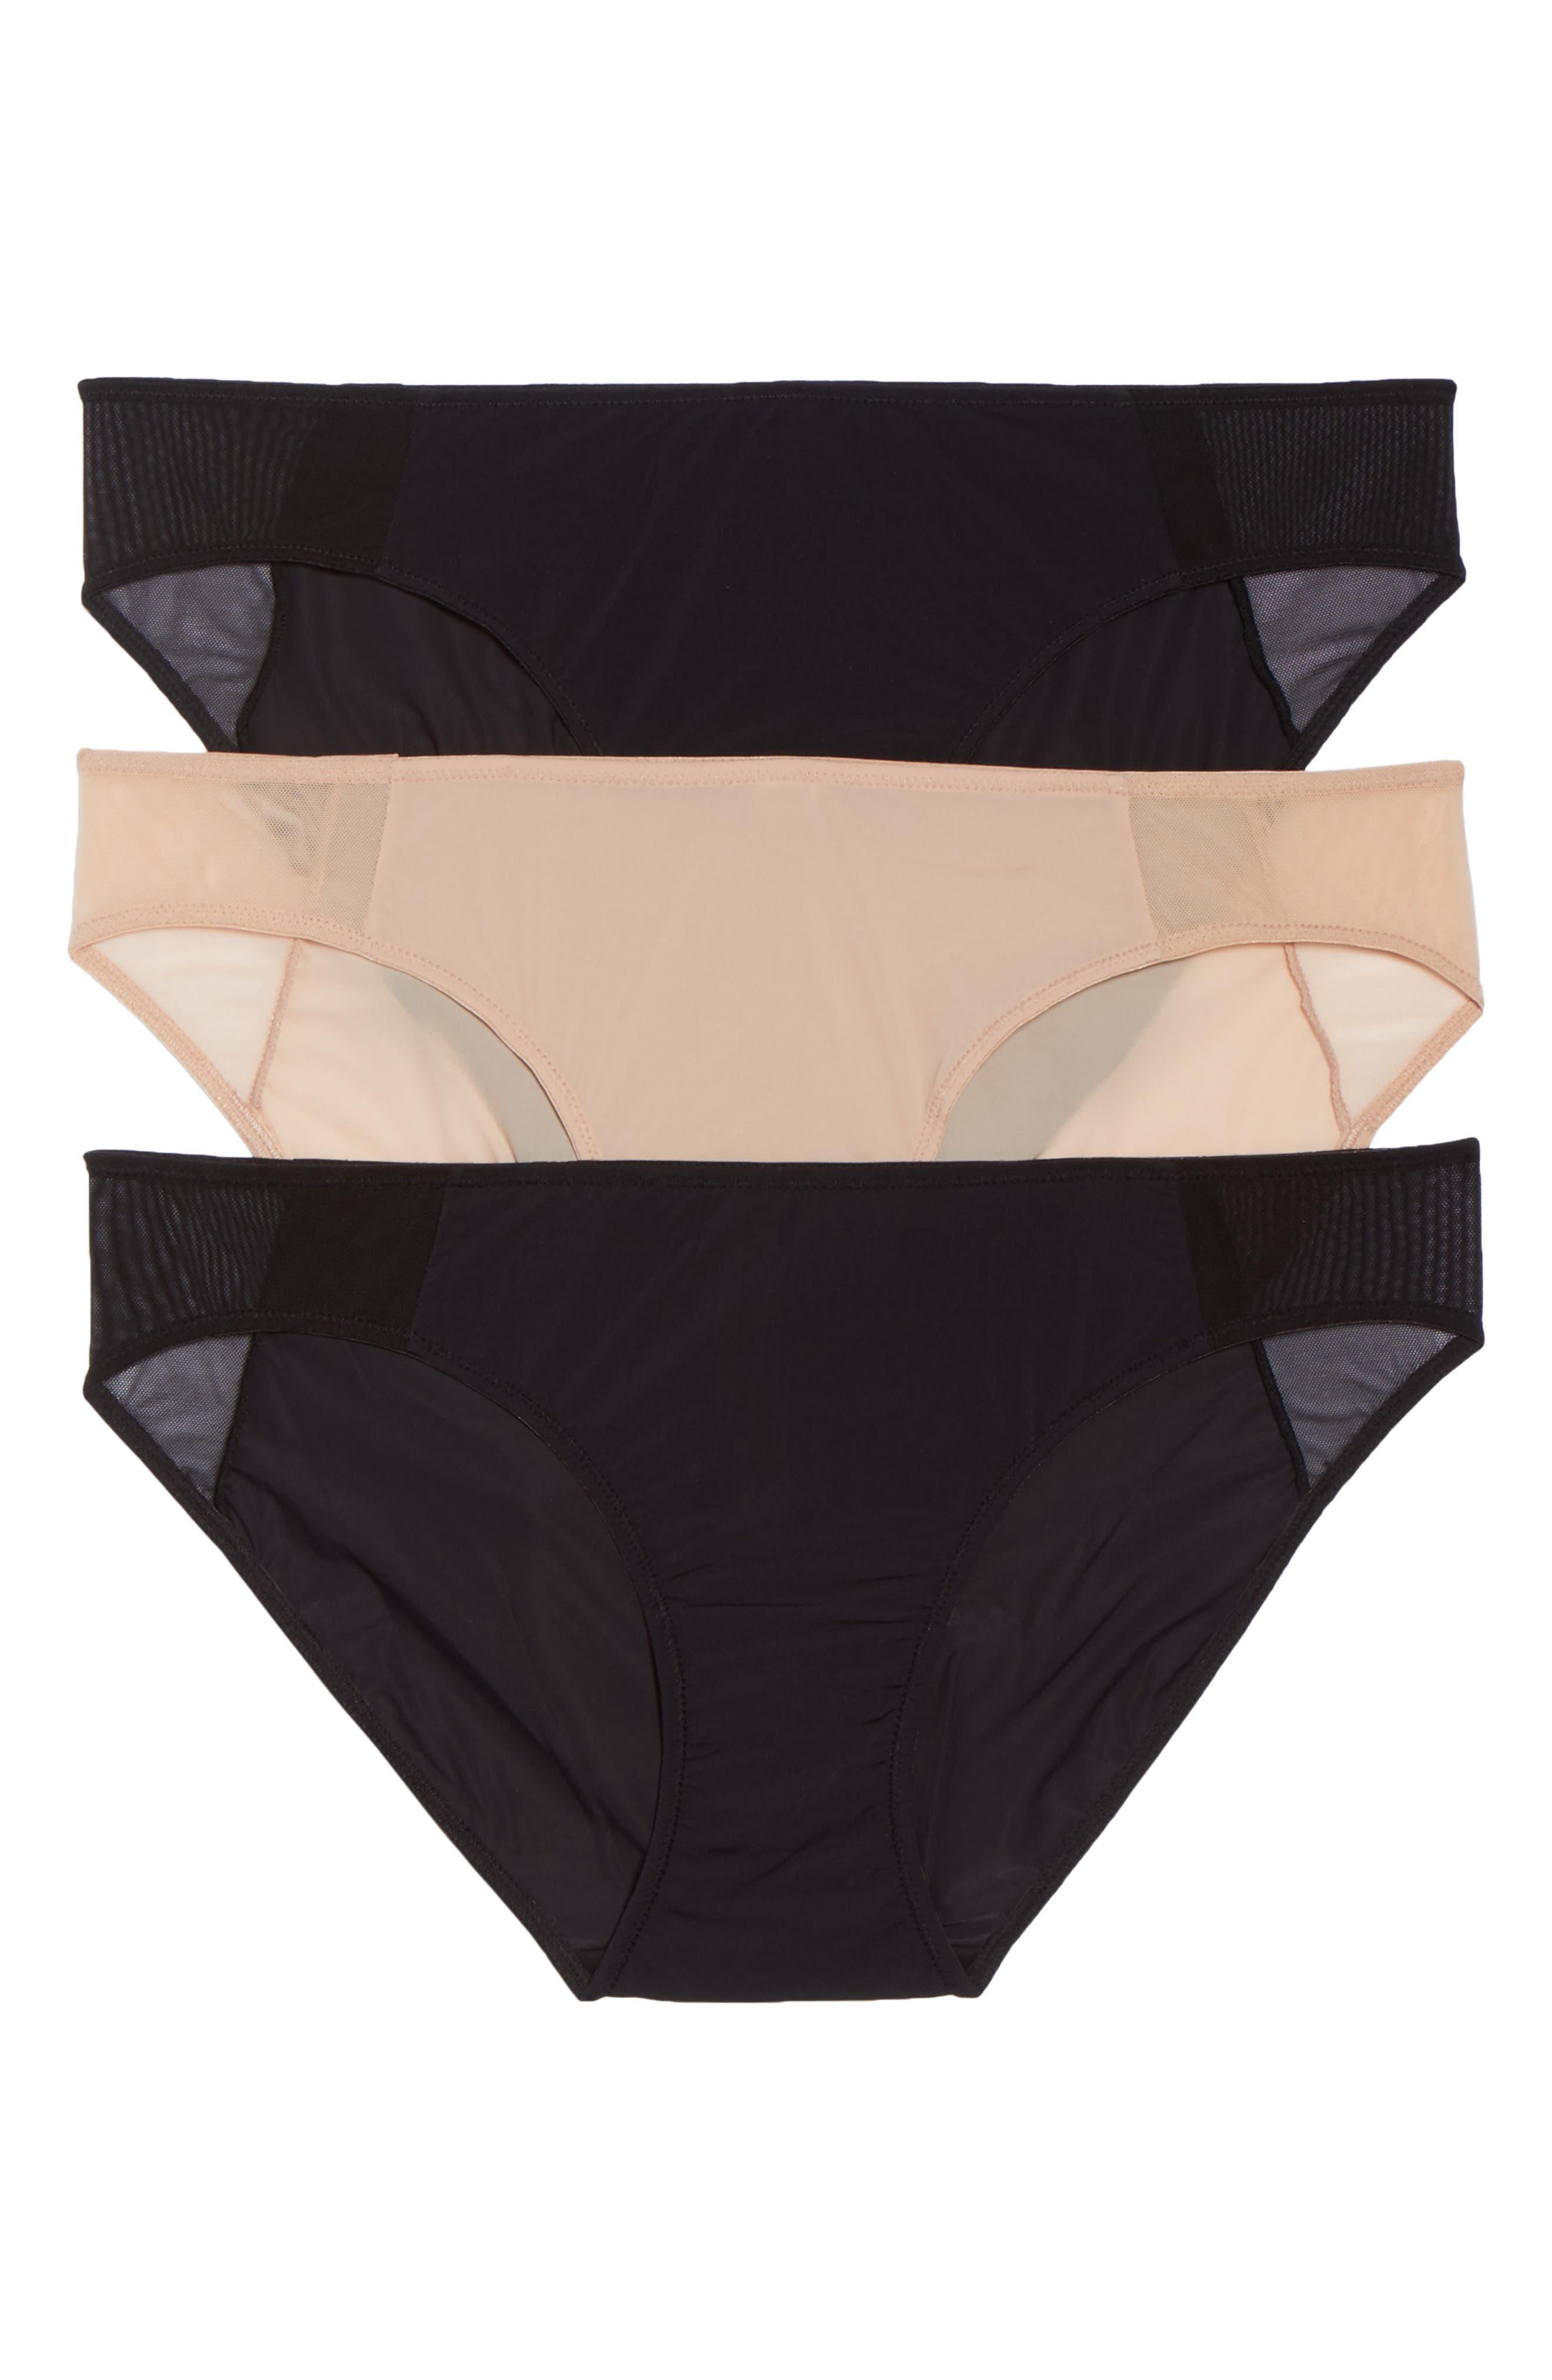 Skin 3-Pack Bikini,                         Main,                         color, Black Beige